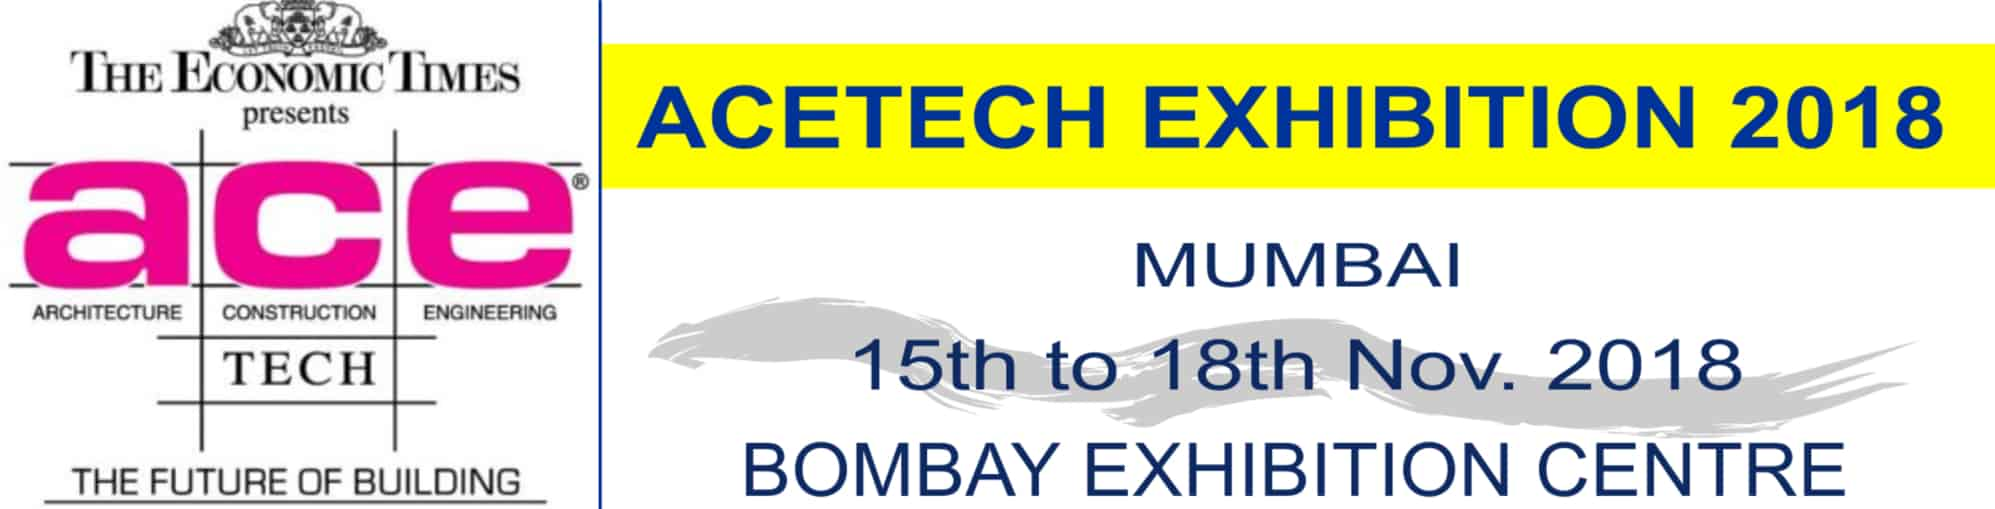 Acetech-Exhibition-Visit-Feature-Image-Contractorbhai